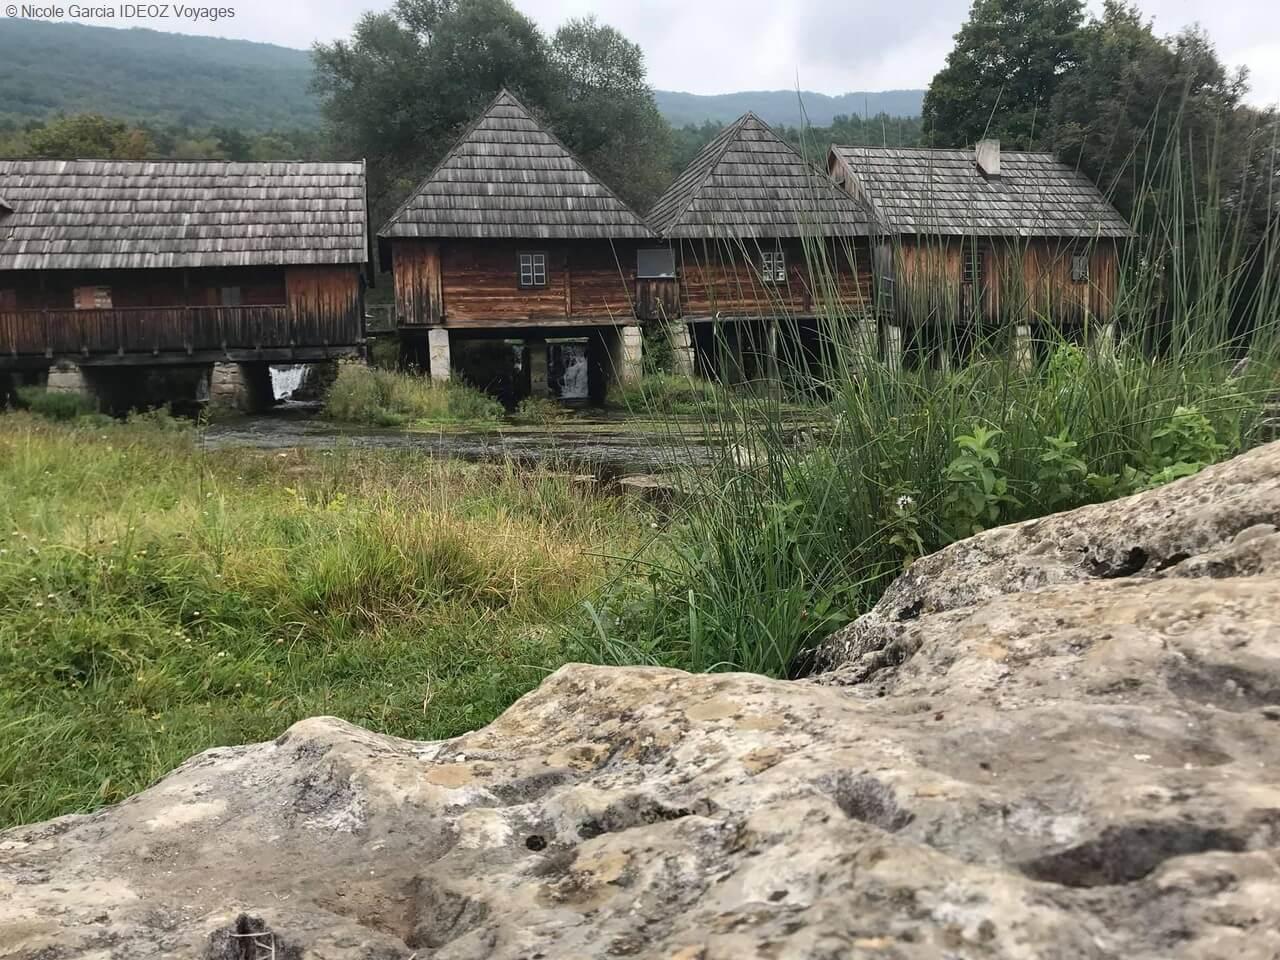 Que voir près du parc de Plitvice? Visites et excursions recommandées 7